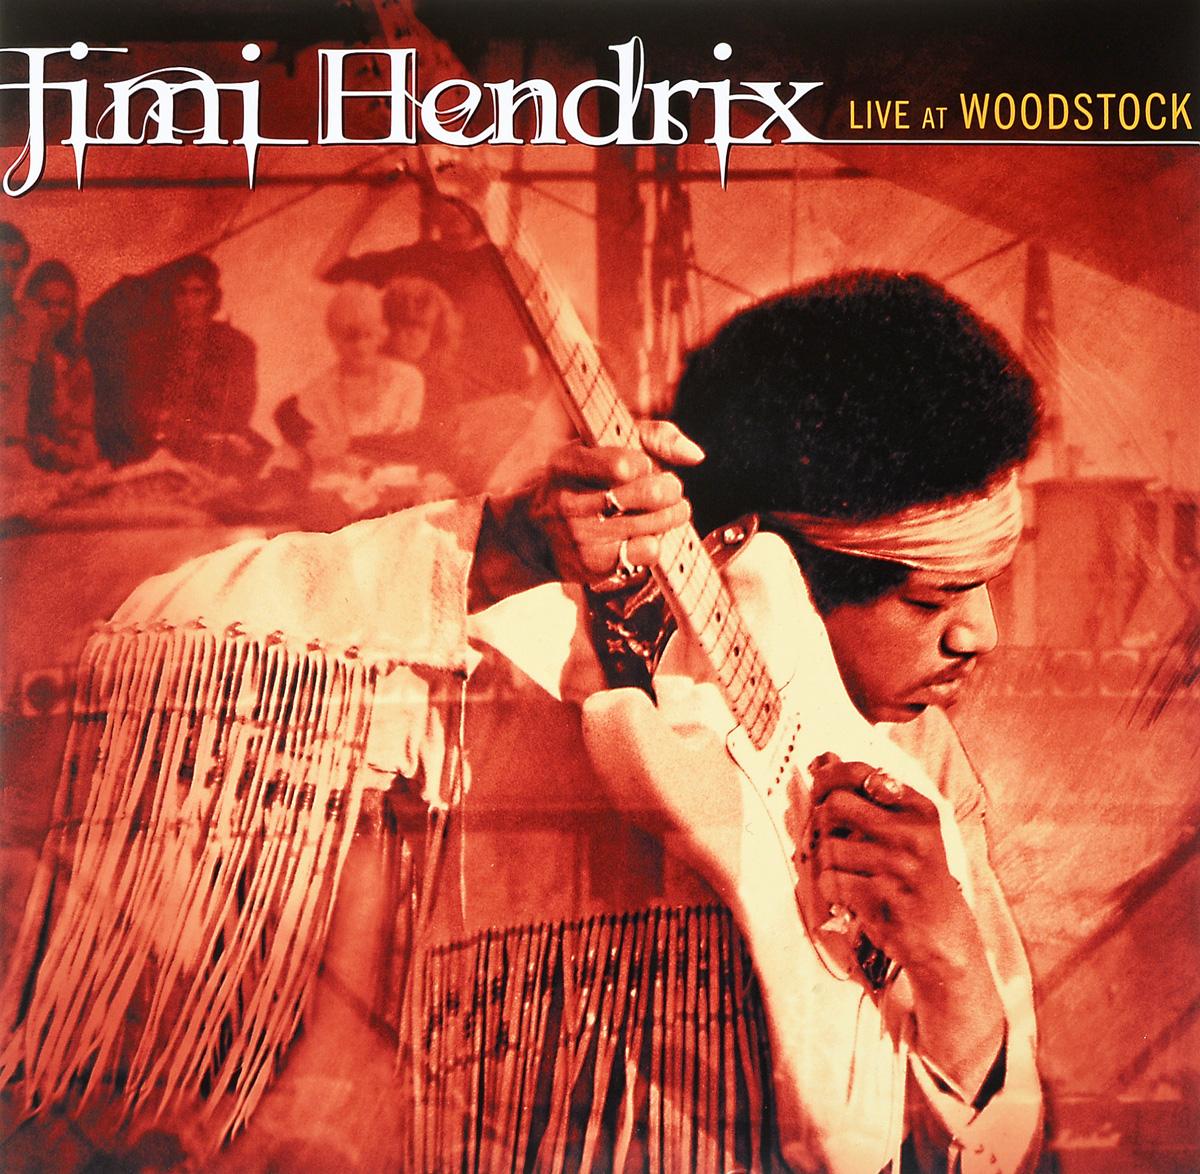 Джими Хендрикс Jimi Hendrix. Live At Woodstock (3 LP) jimi hendrix jimi hendrix live at woodstock 3 lp 180 gr